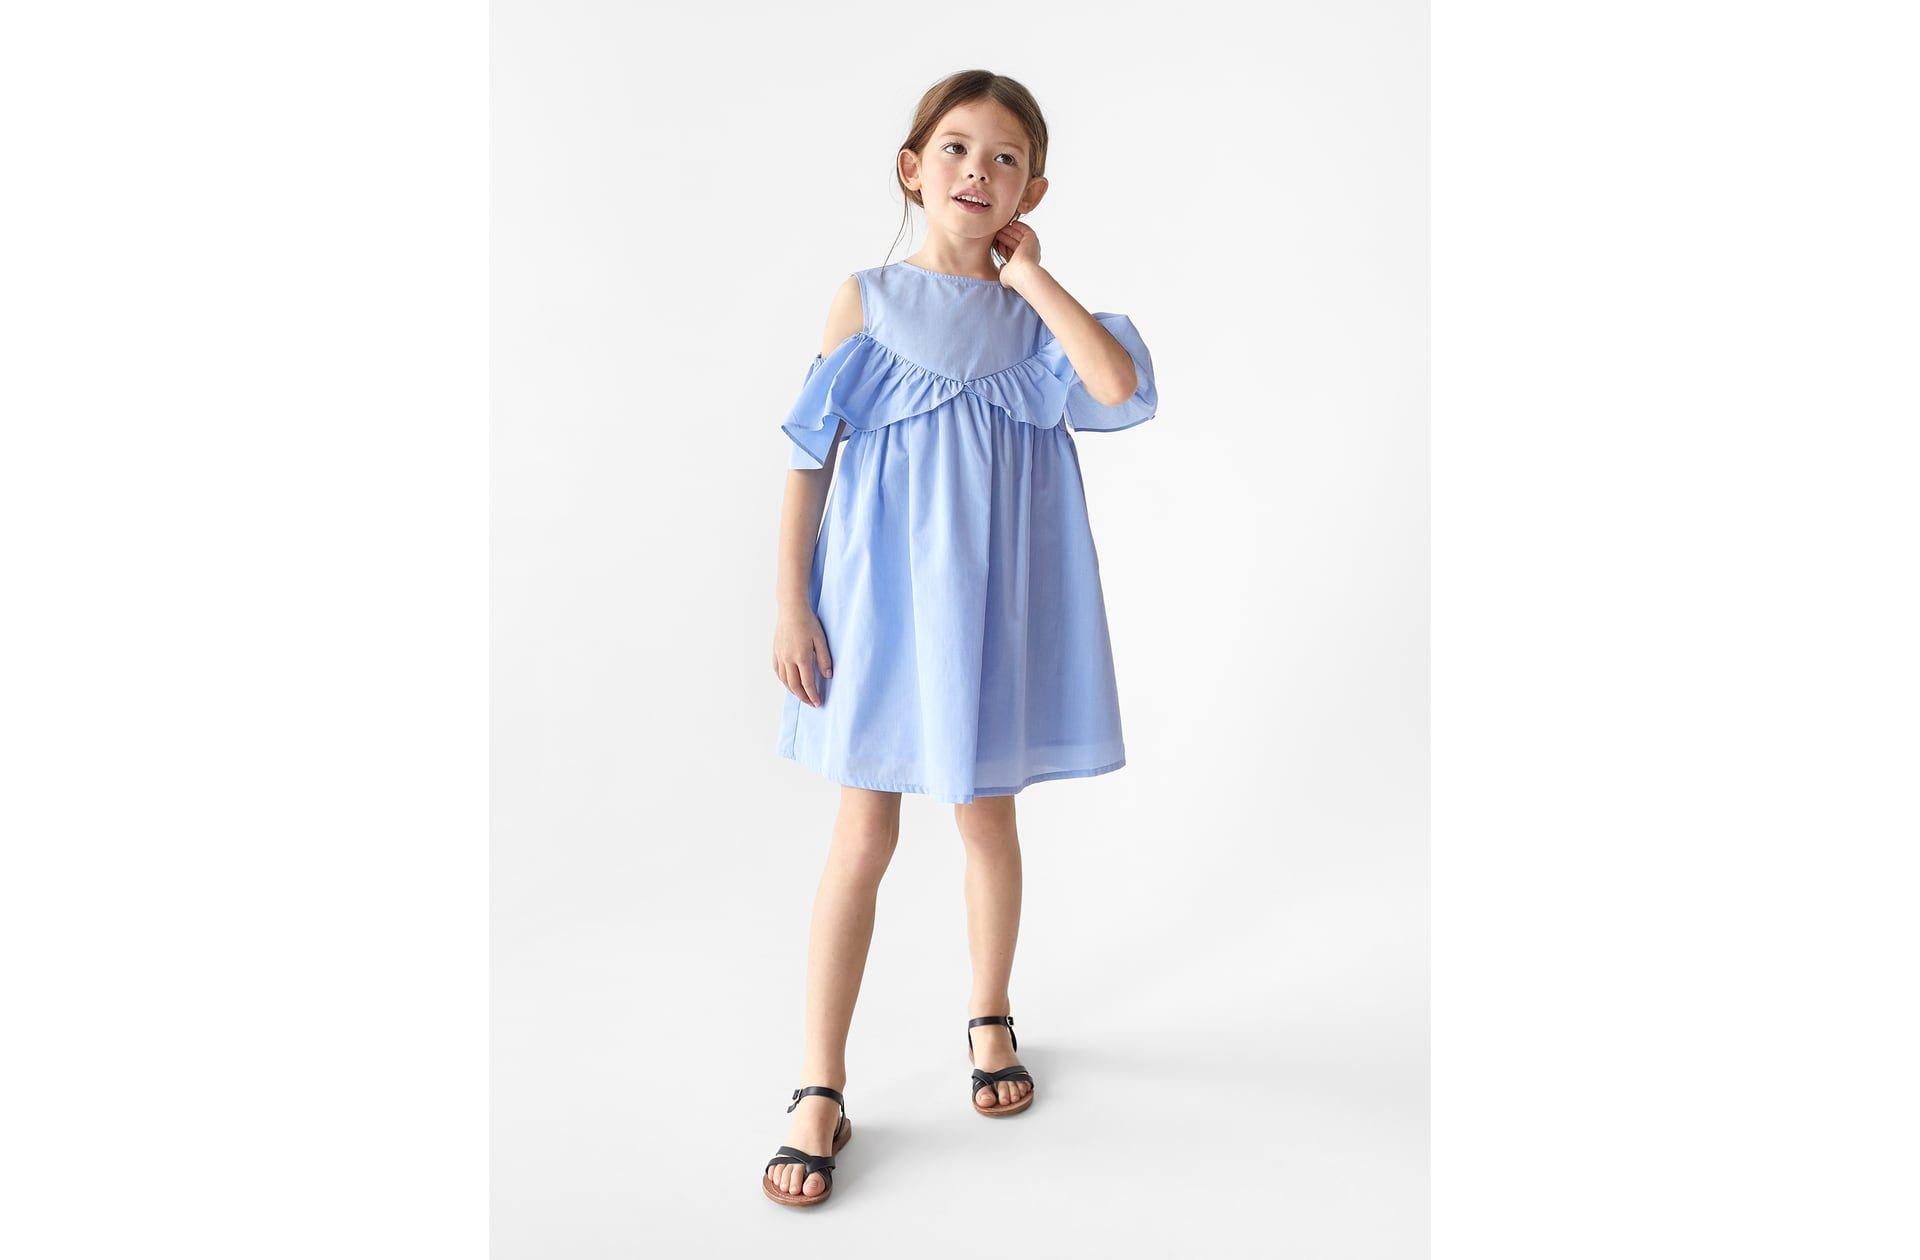 Special Occasion Fille 5 14 Ans Enfants Zara France